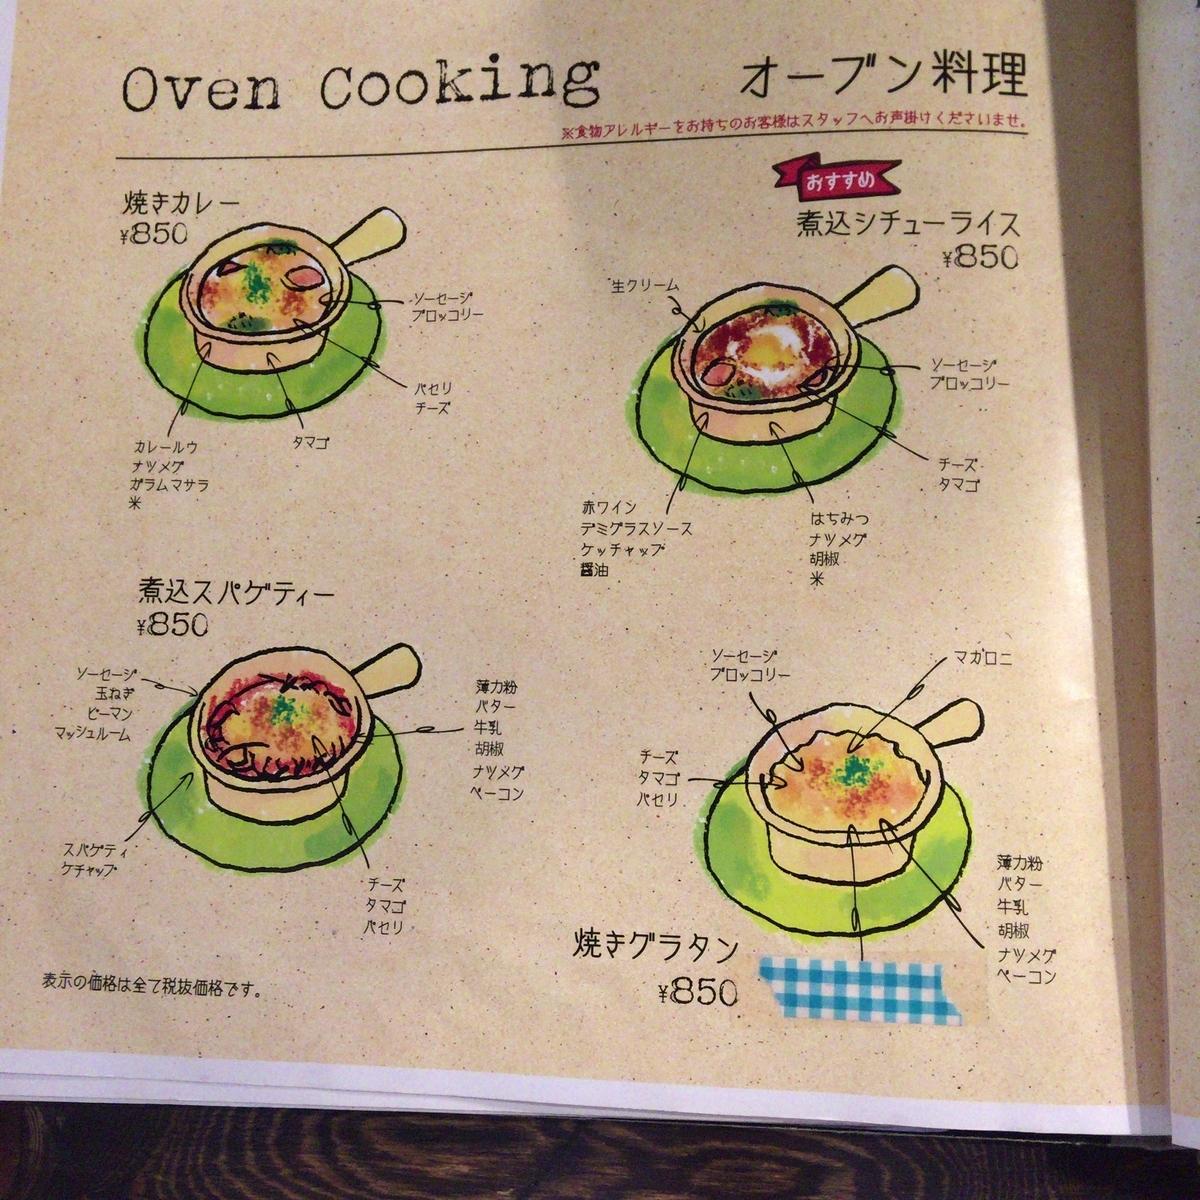 オーブン料理メニュー